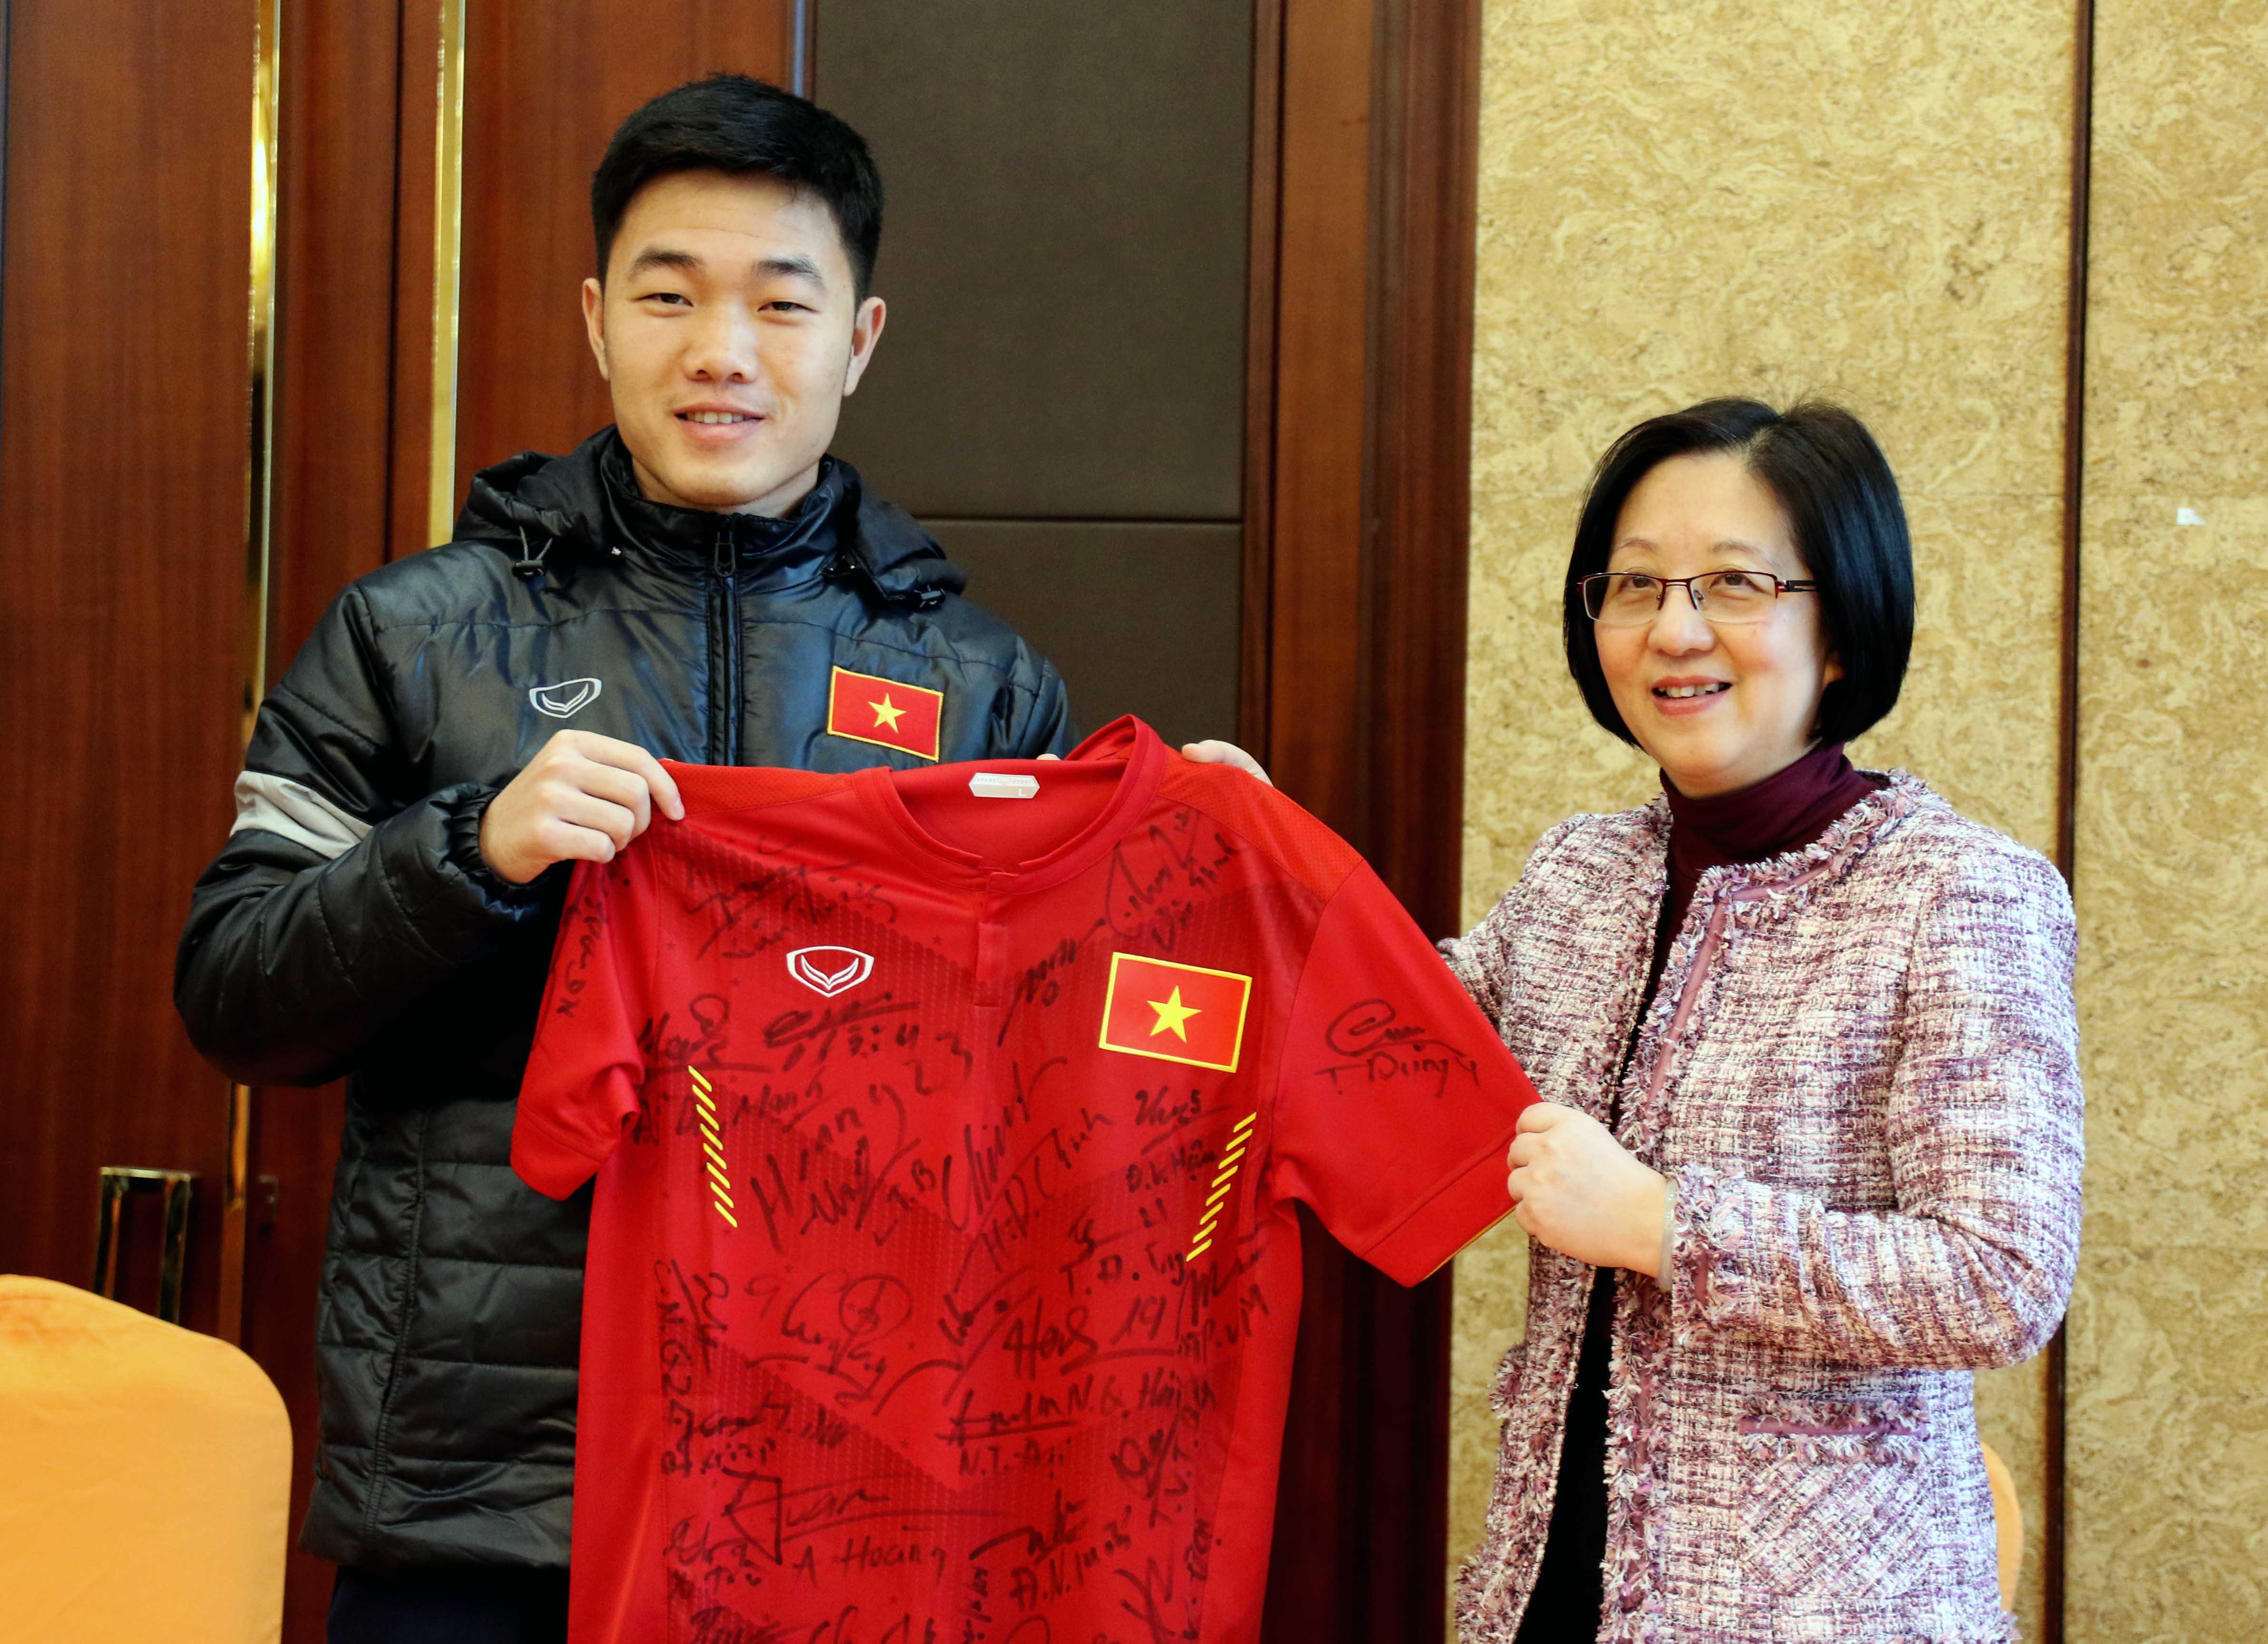 Đại diện đội trưởng U23 Việt Nam - tiền vệ Lương Xuân Trường có món quà áo đáu có đầy đu chữ ký U23 Việt Nam ở thời điểm hiện tại.